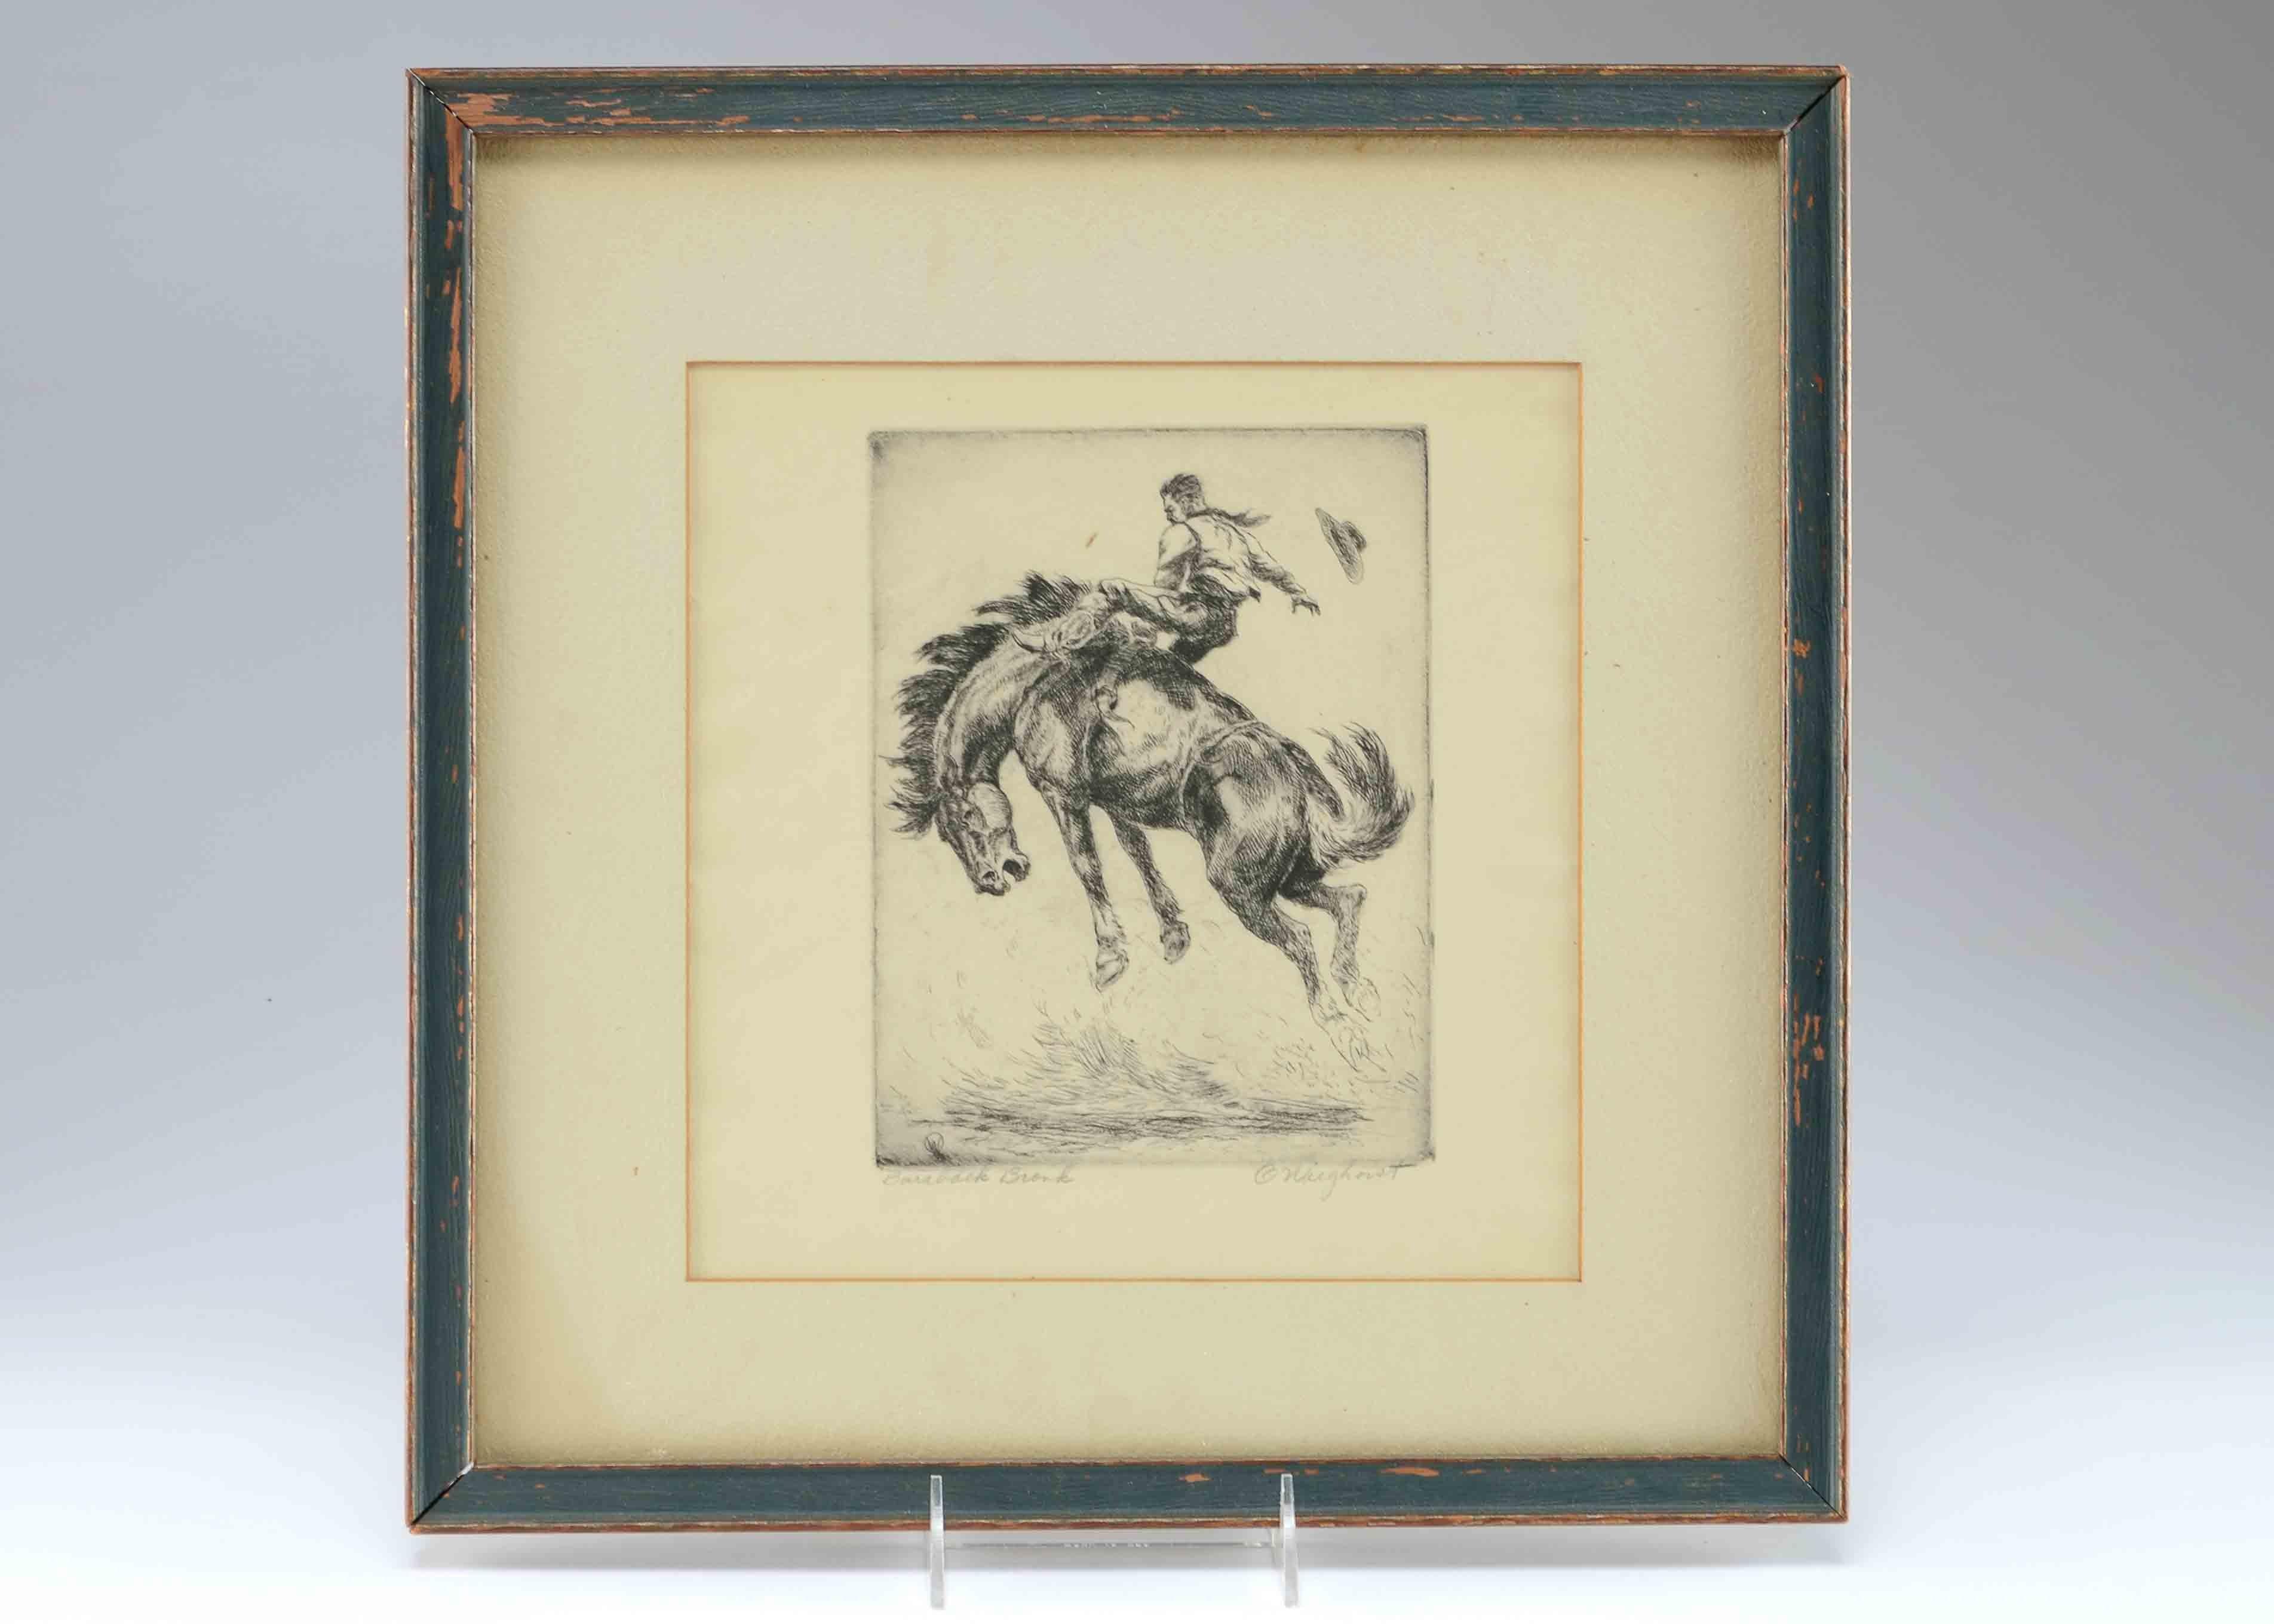 Olaf Carl Wieghorst (1899-1988) etching